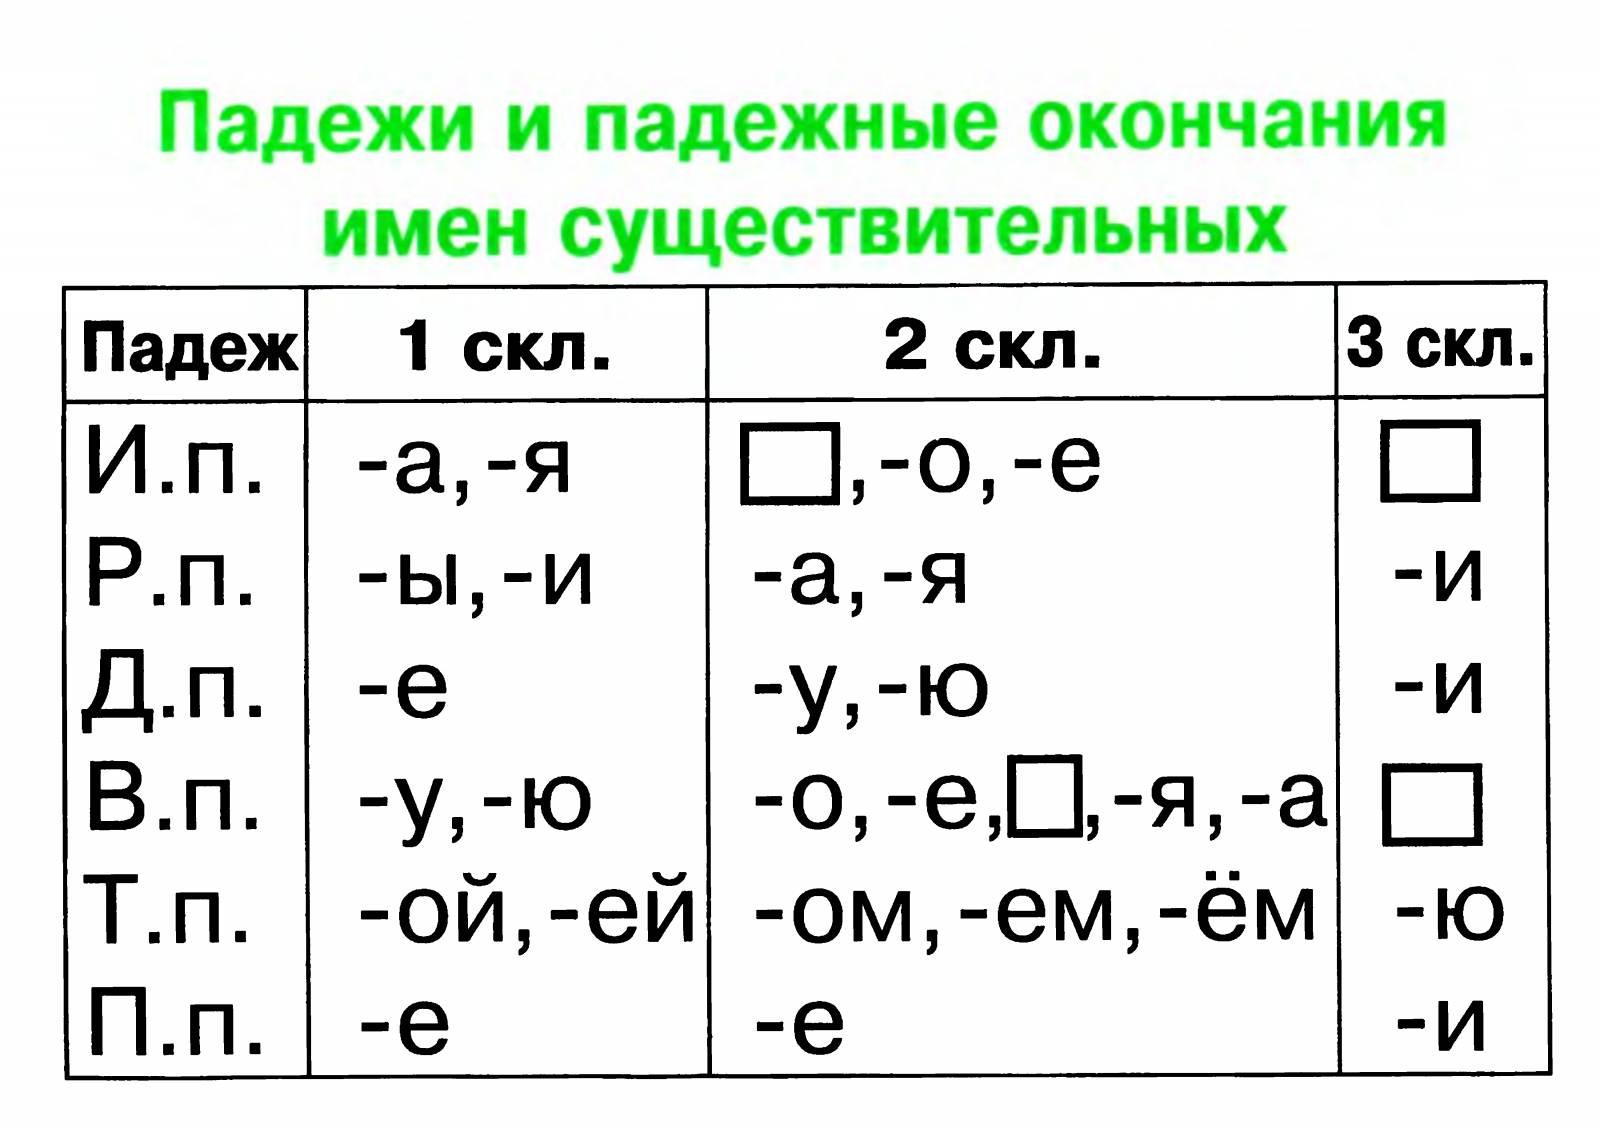 Заполни пропуски в схеме соотнеси приведённые примеры в следующем перечне